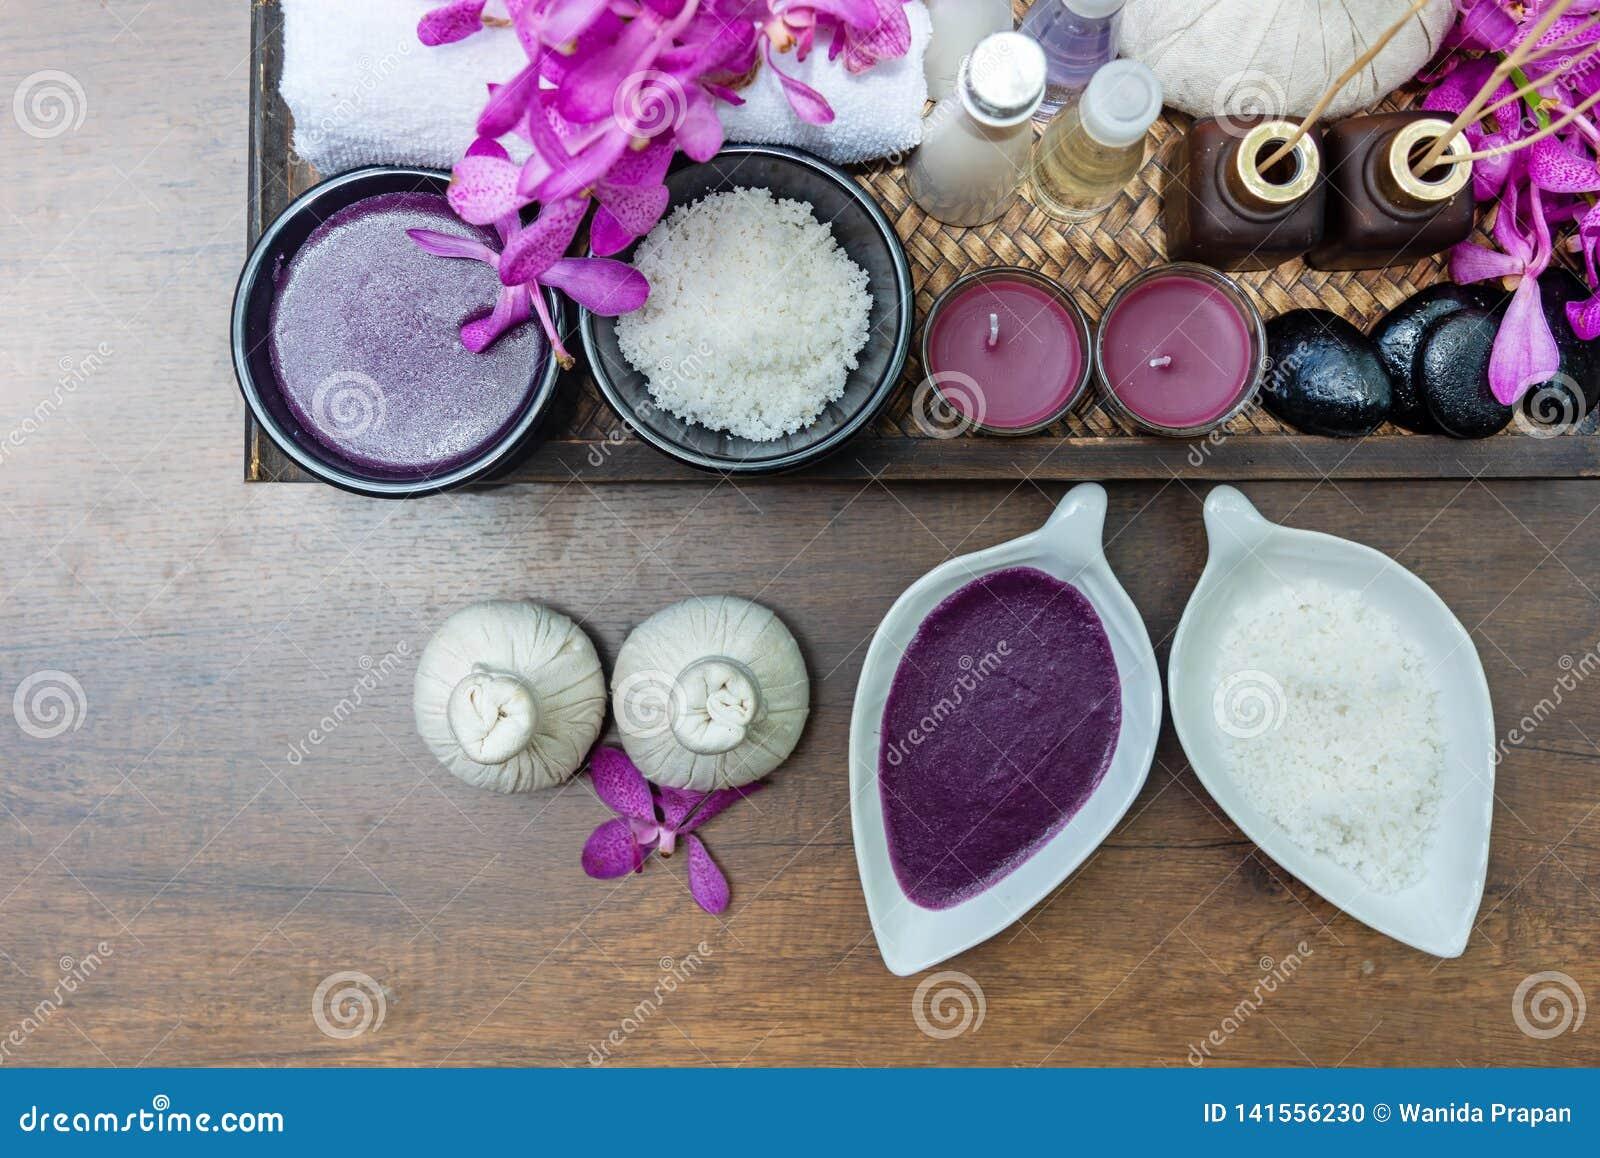 Tajlandzka zdrojów traktowań aromata terapii natury, soli cukrowa pętaczka i Tajlandia